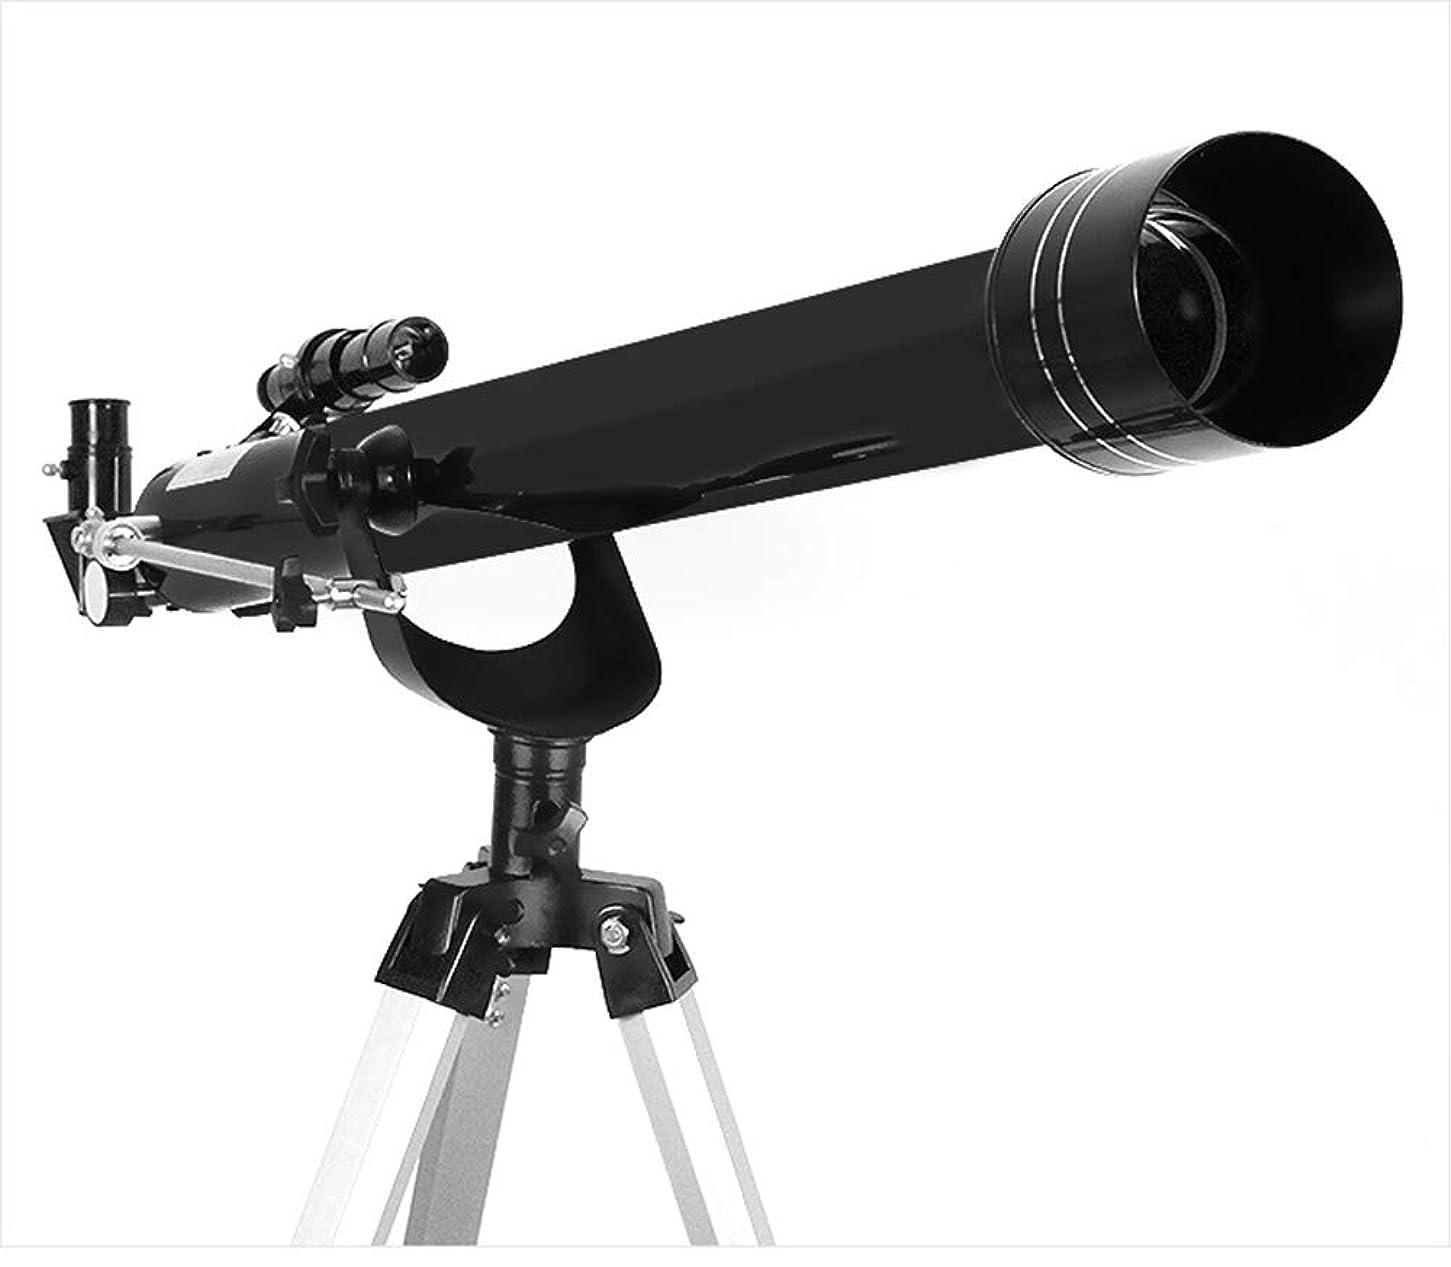 ツイン読書豪華な家具デザイン天体望遠鏡メガネプロフェッショナルスタービュースカイハイタイムズスペースHD 1000000回大人小学生